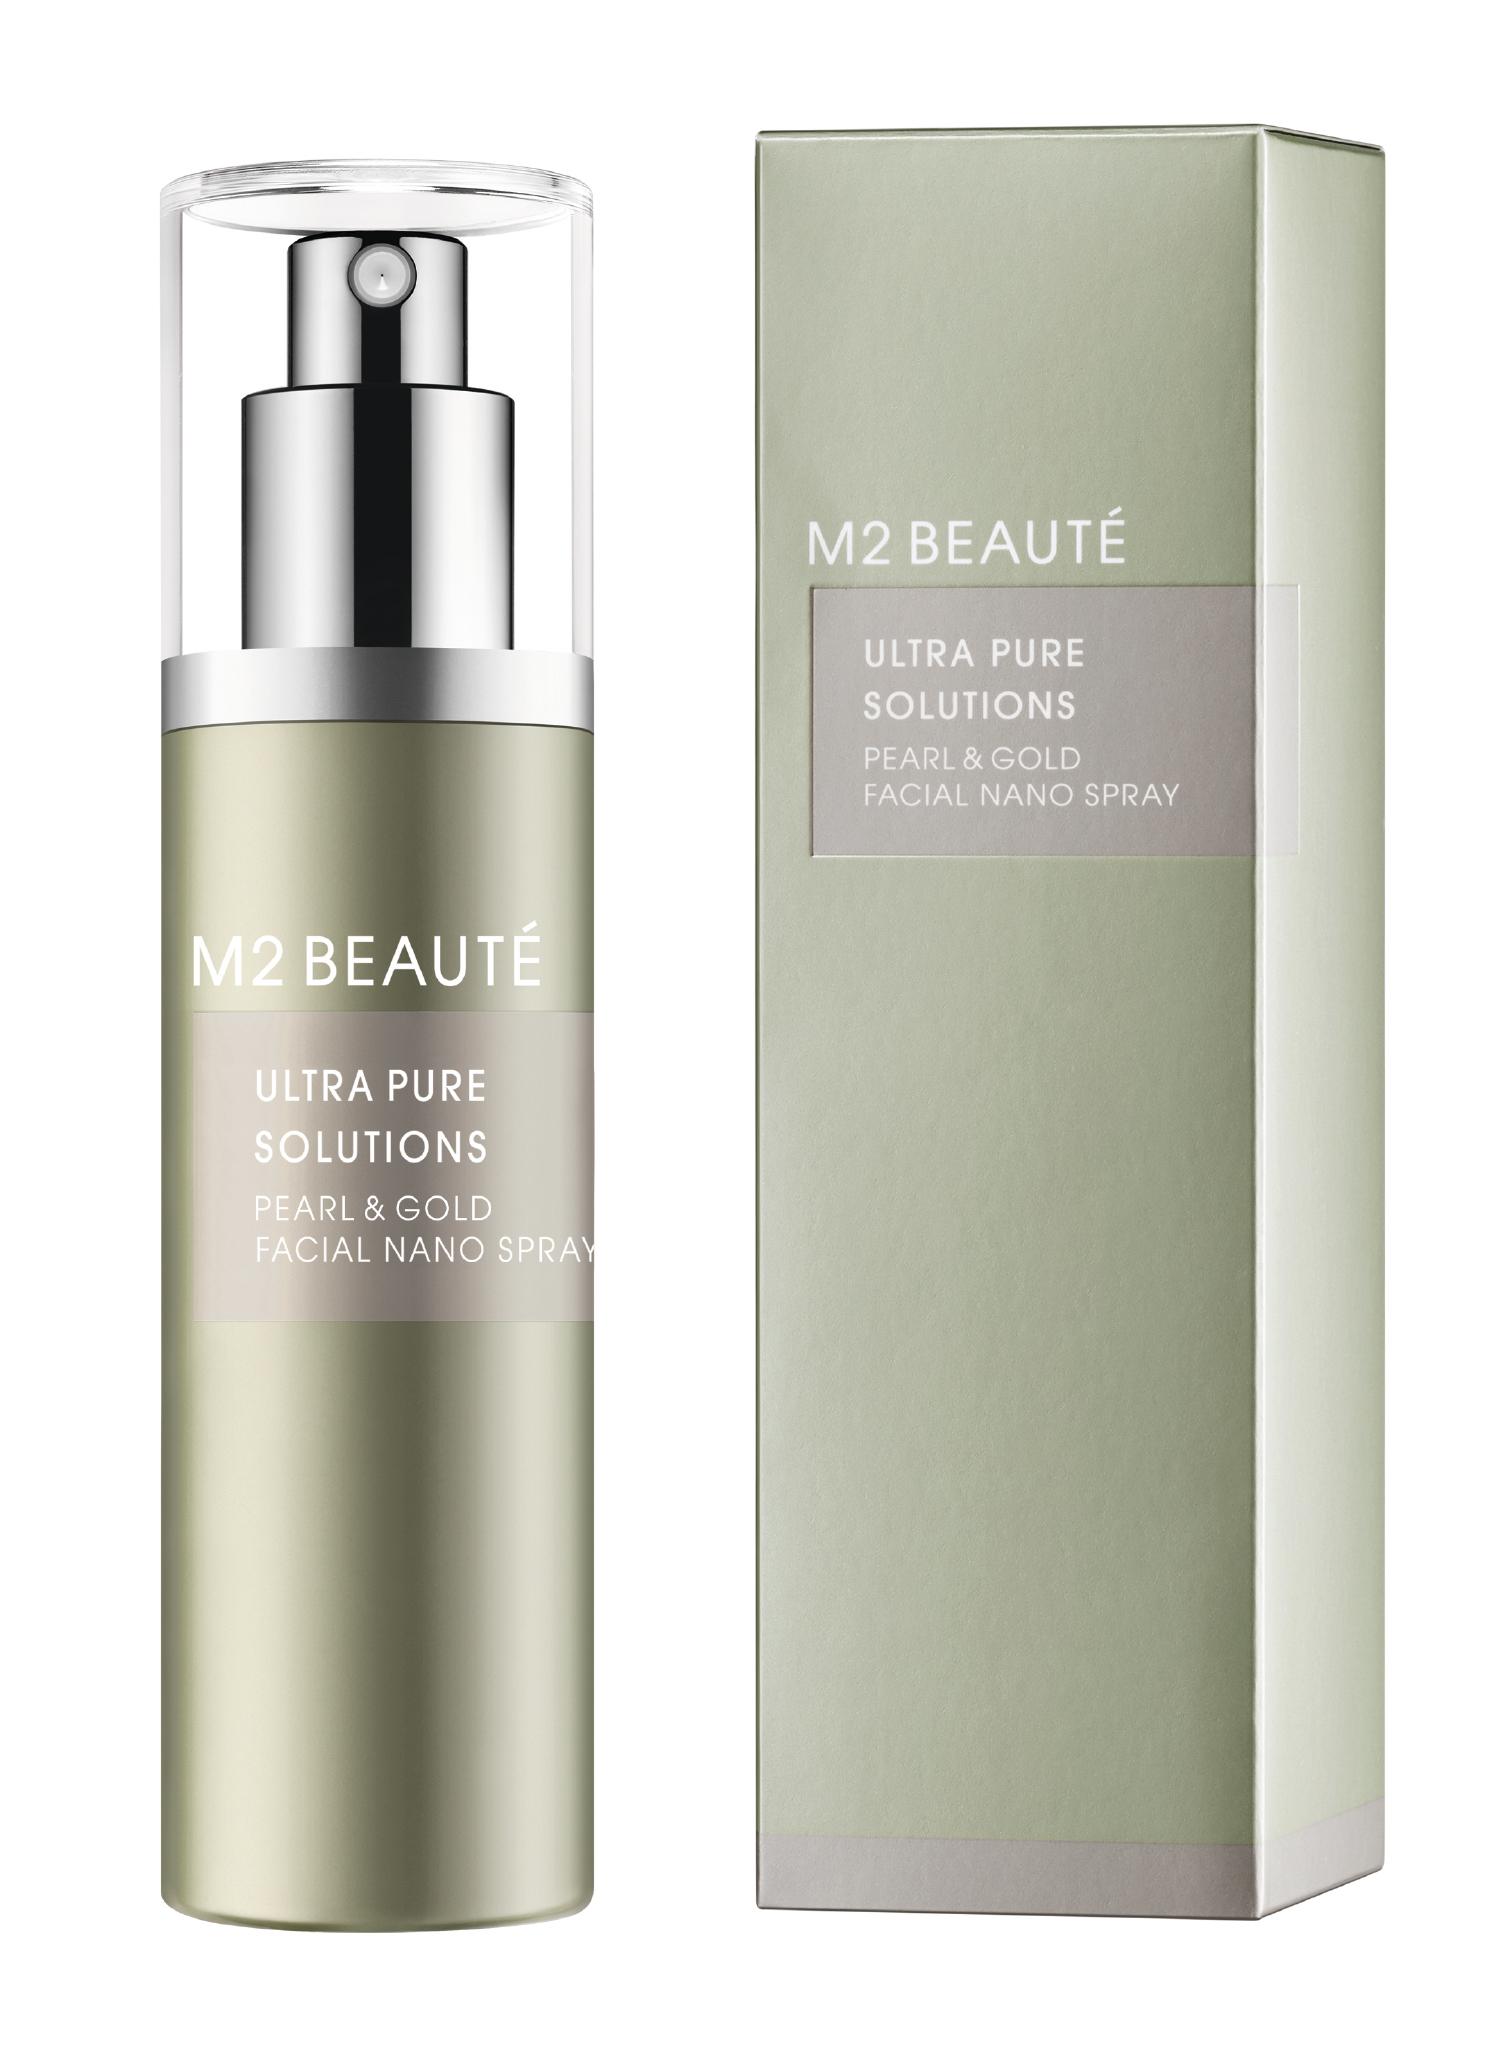 M2 Beauté Pearl & Gold Facial Nano Spray, 75 ml